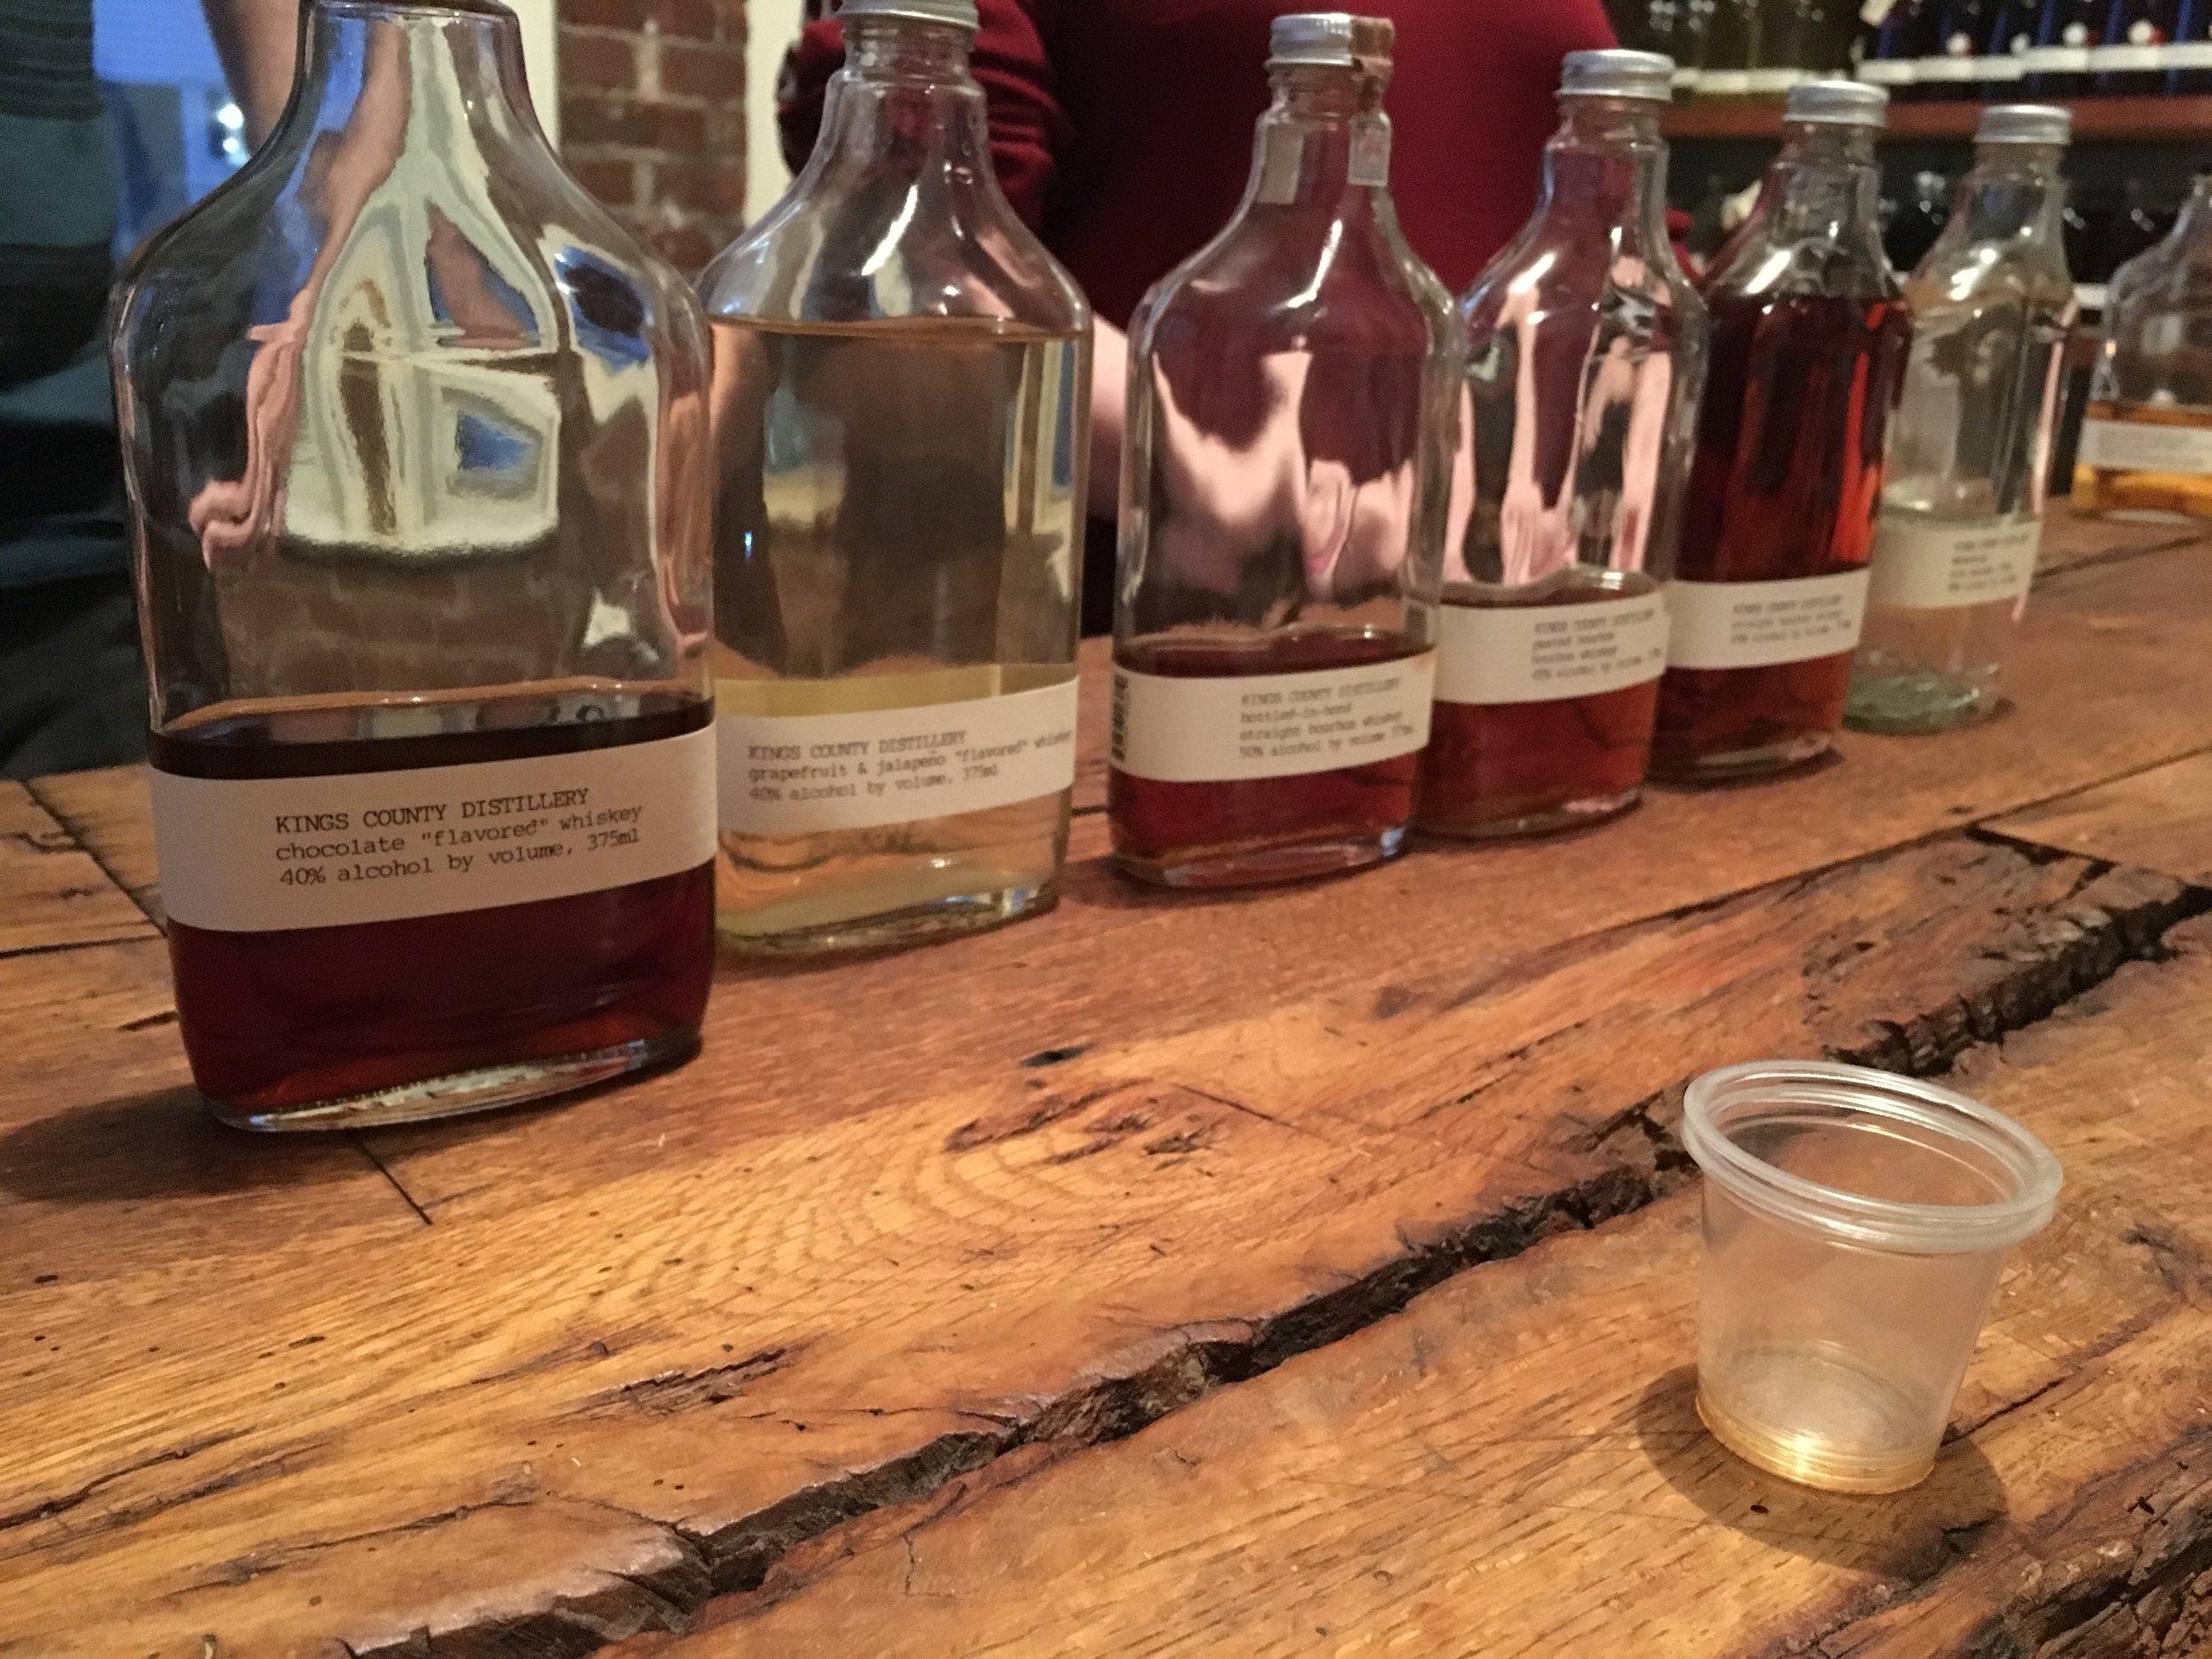 kings_county_distillery_1.jpg